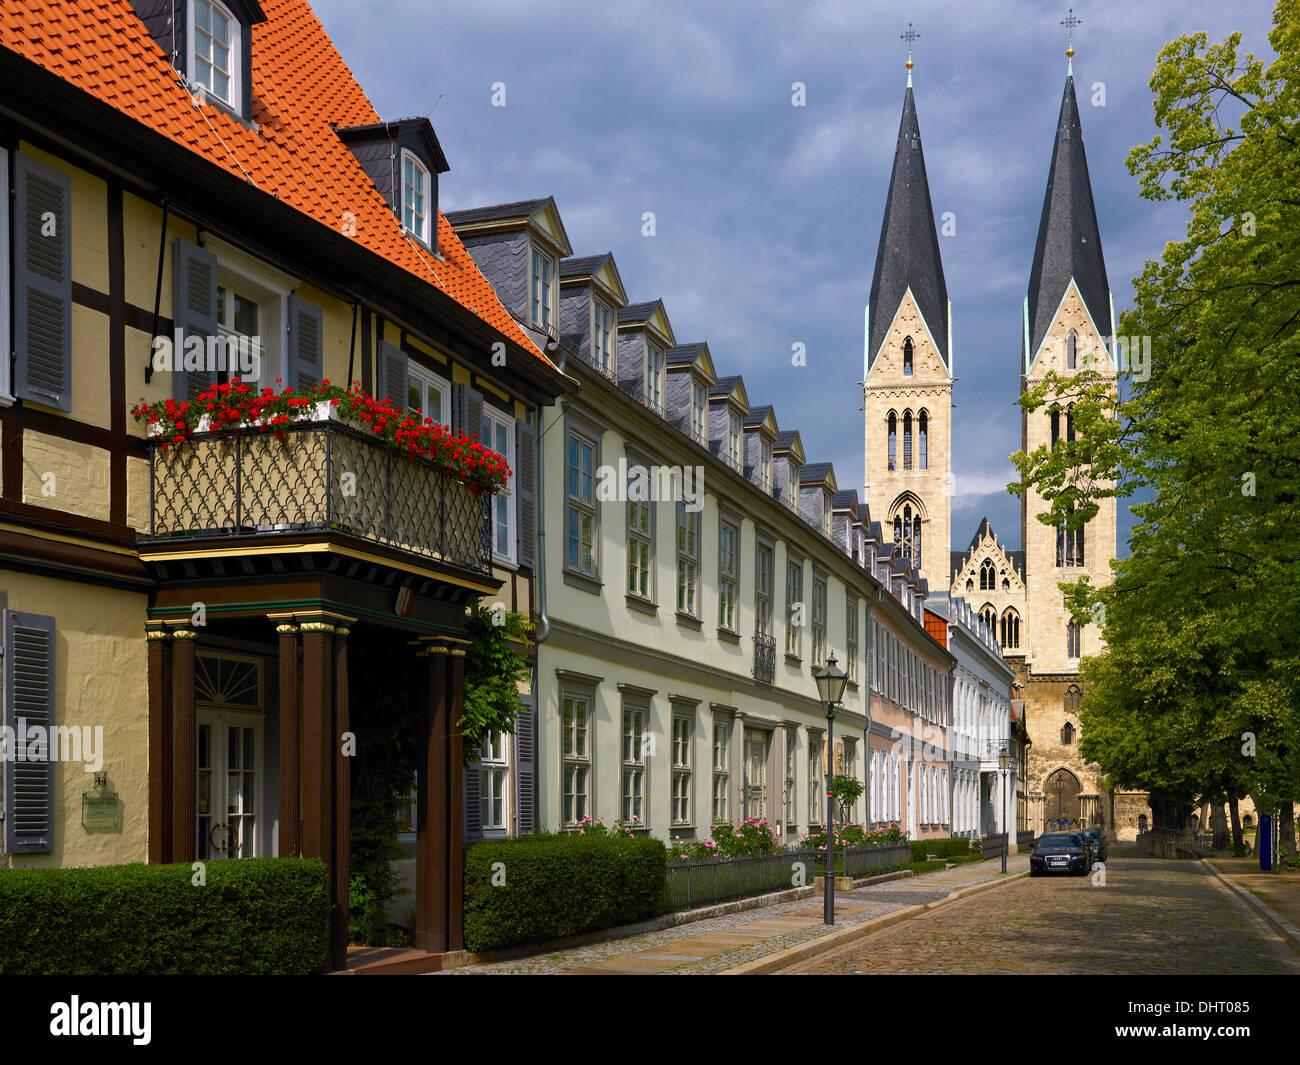 Domplatz mit Halberstadt Dom und Priorat, Halberstadt, Sachsen-Anhalt, Deutschland Stockbild